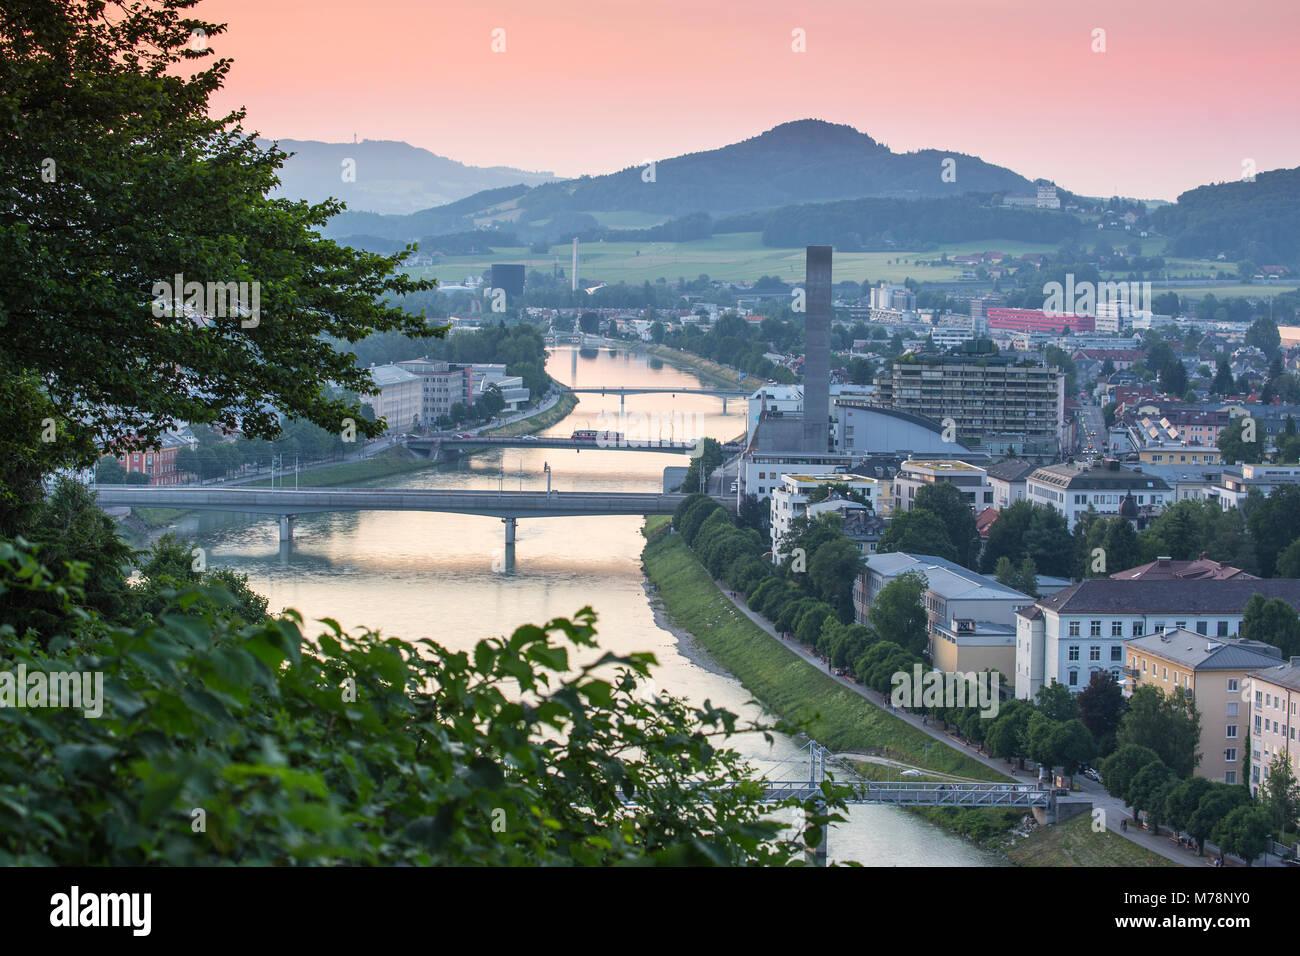 Blick auf die Salzach, Salzburg, Österreich, Europa Stockbild